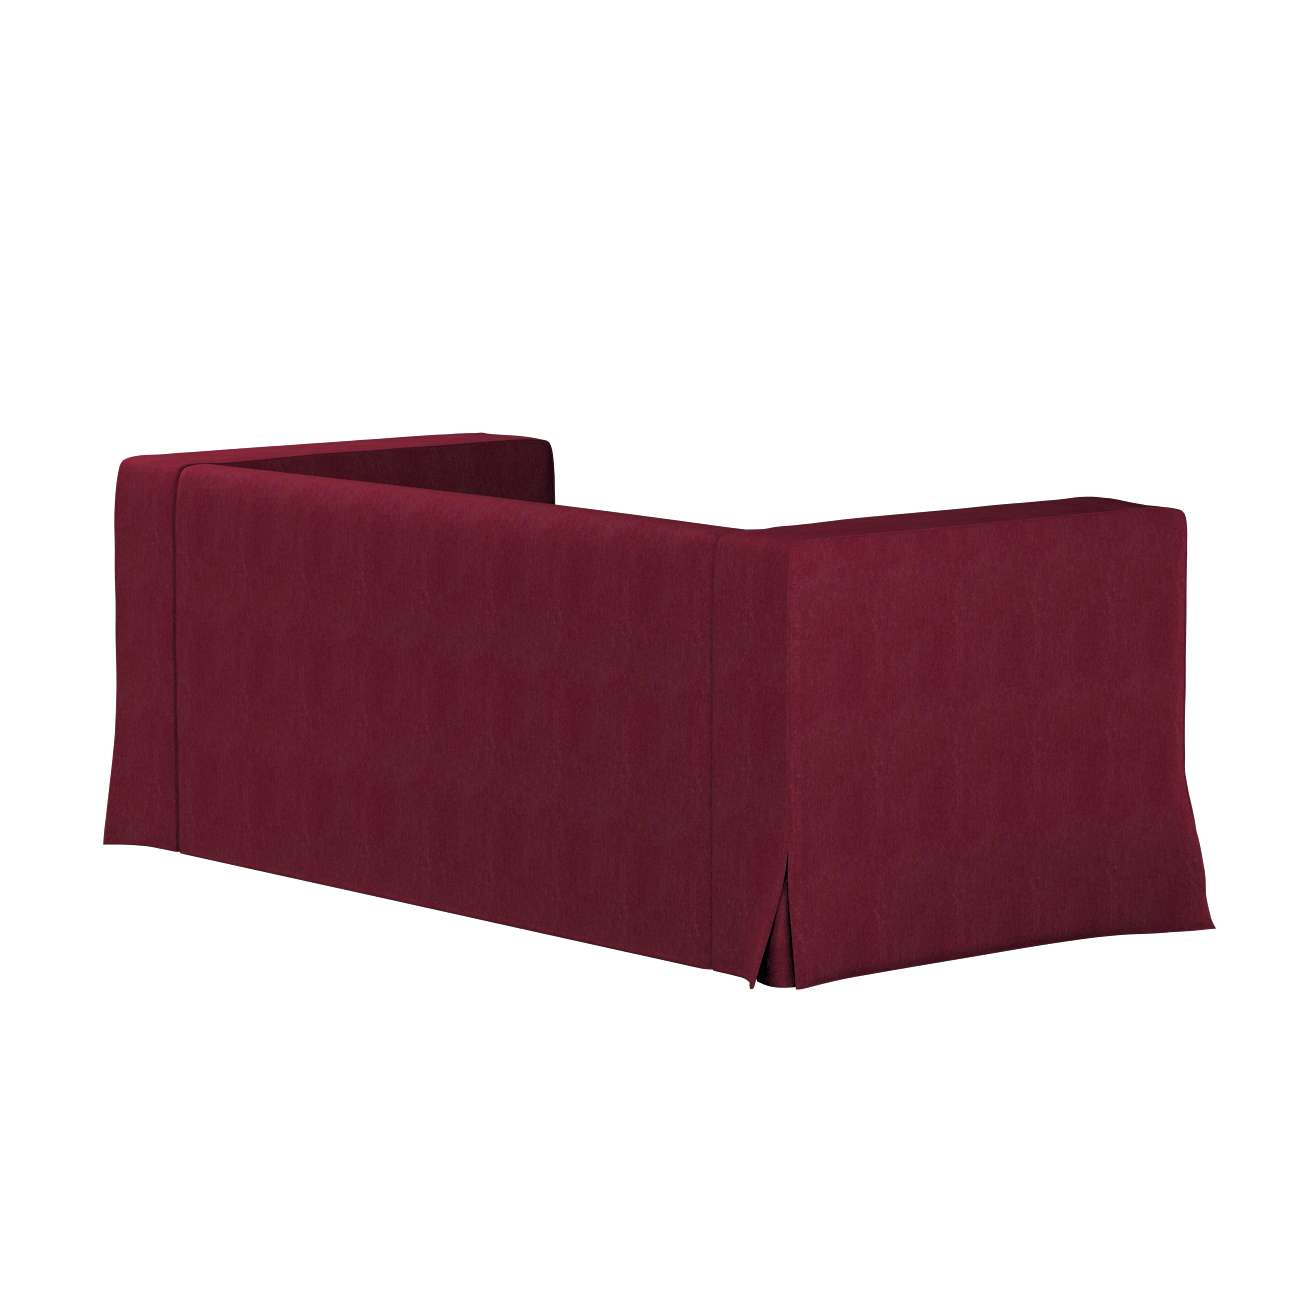 Klippan dvivietės sofos užvalkalas (ilgas, iki žemės) kolekcijoje Chenille, audinys: 702-19